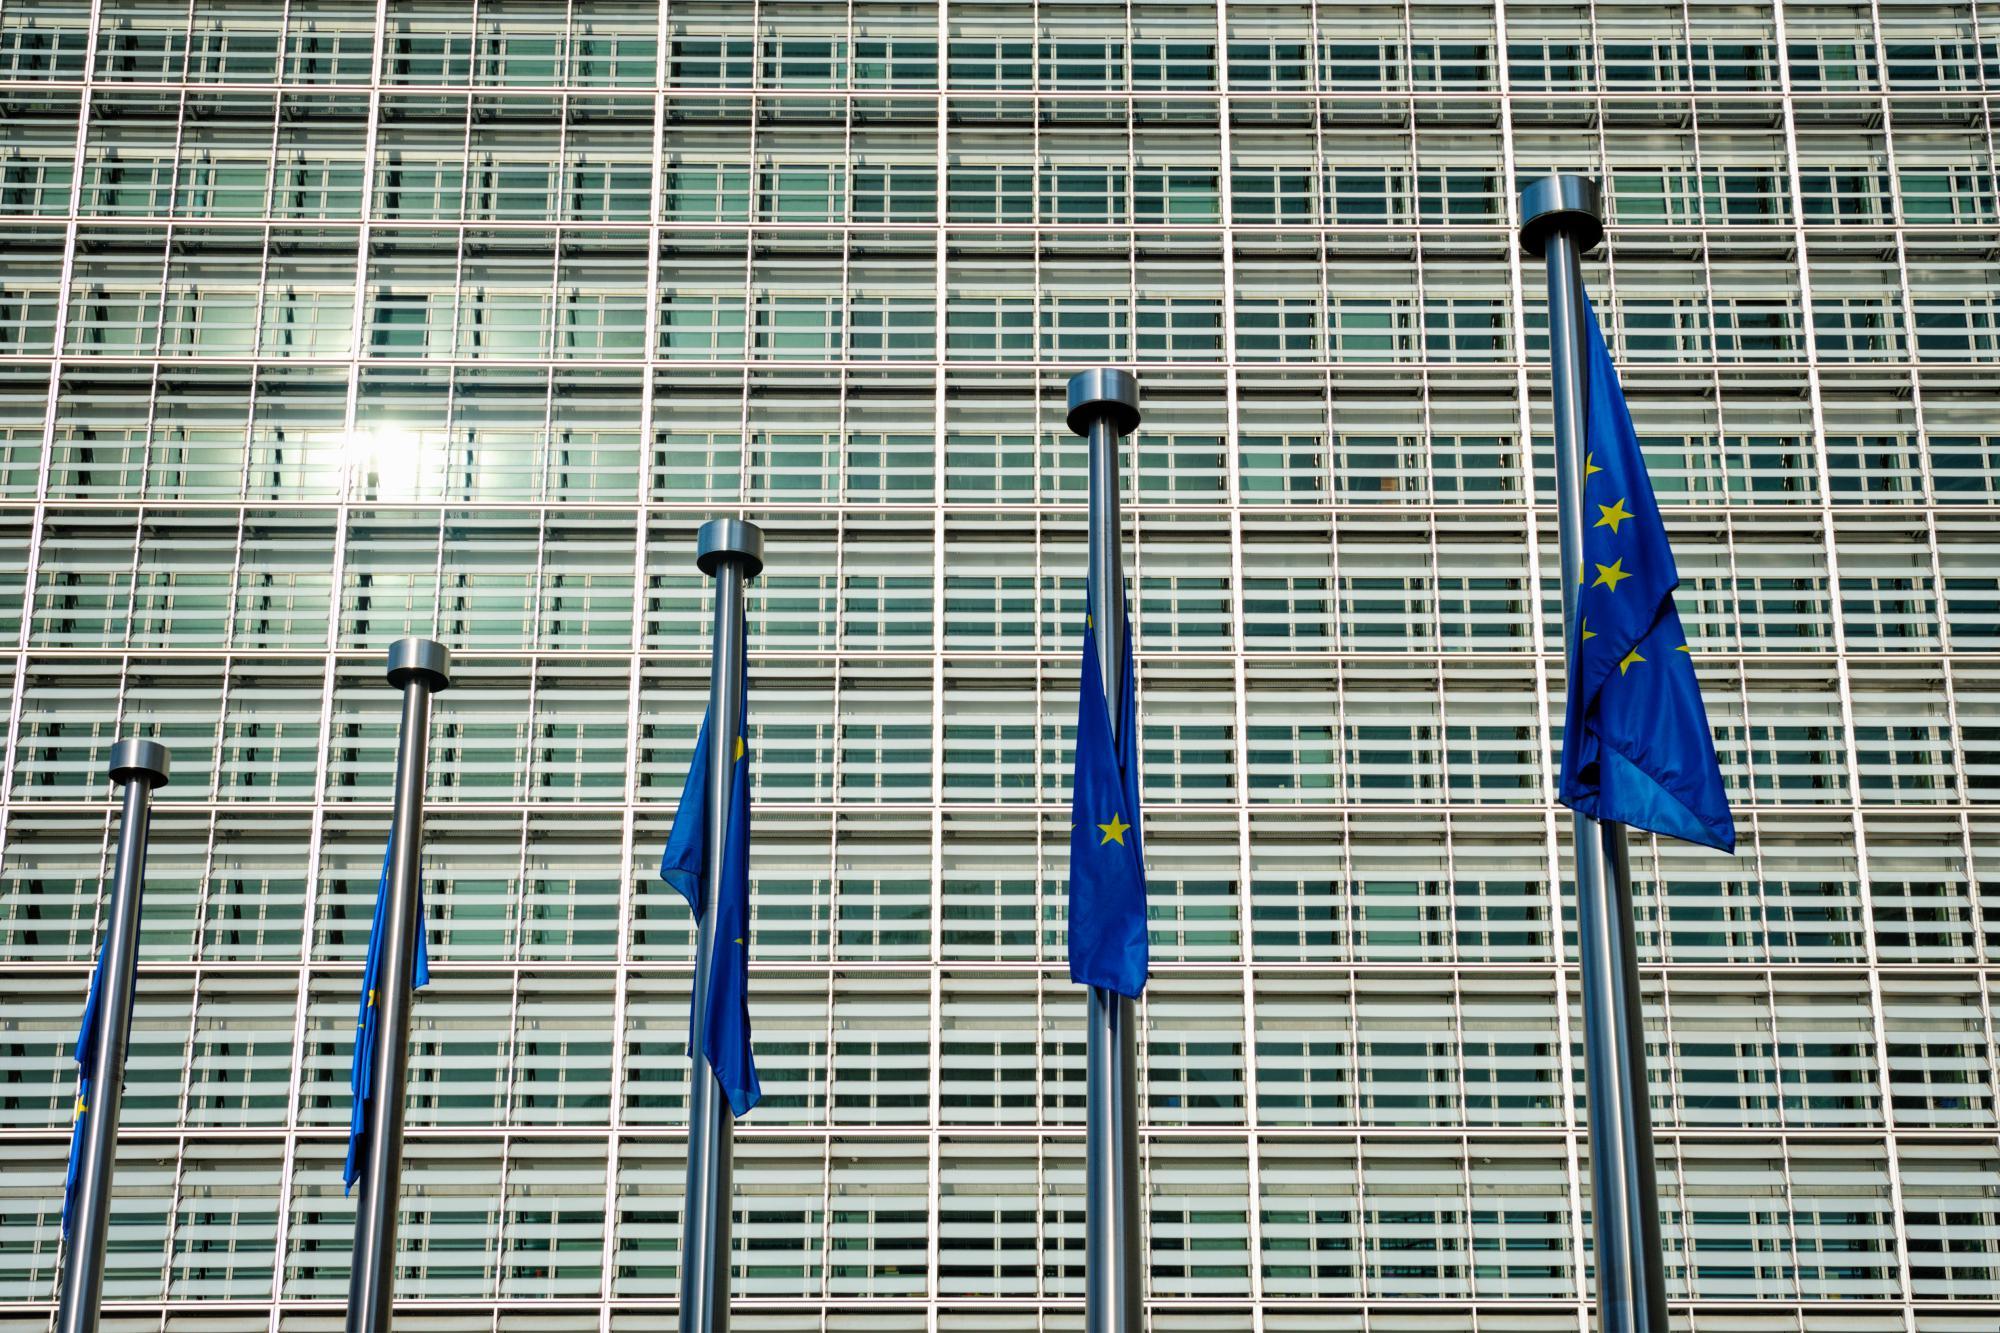 Еврокомиссия опубликовала проект обновленных предложений по введению консолидированной базы по налогу на прибыль